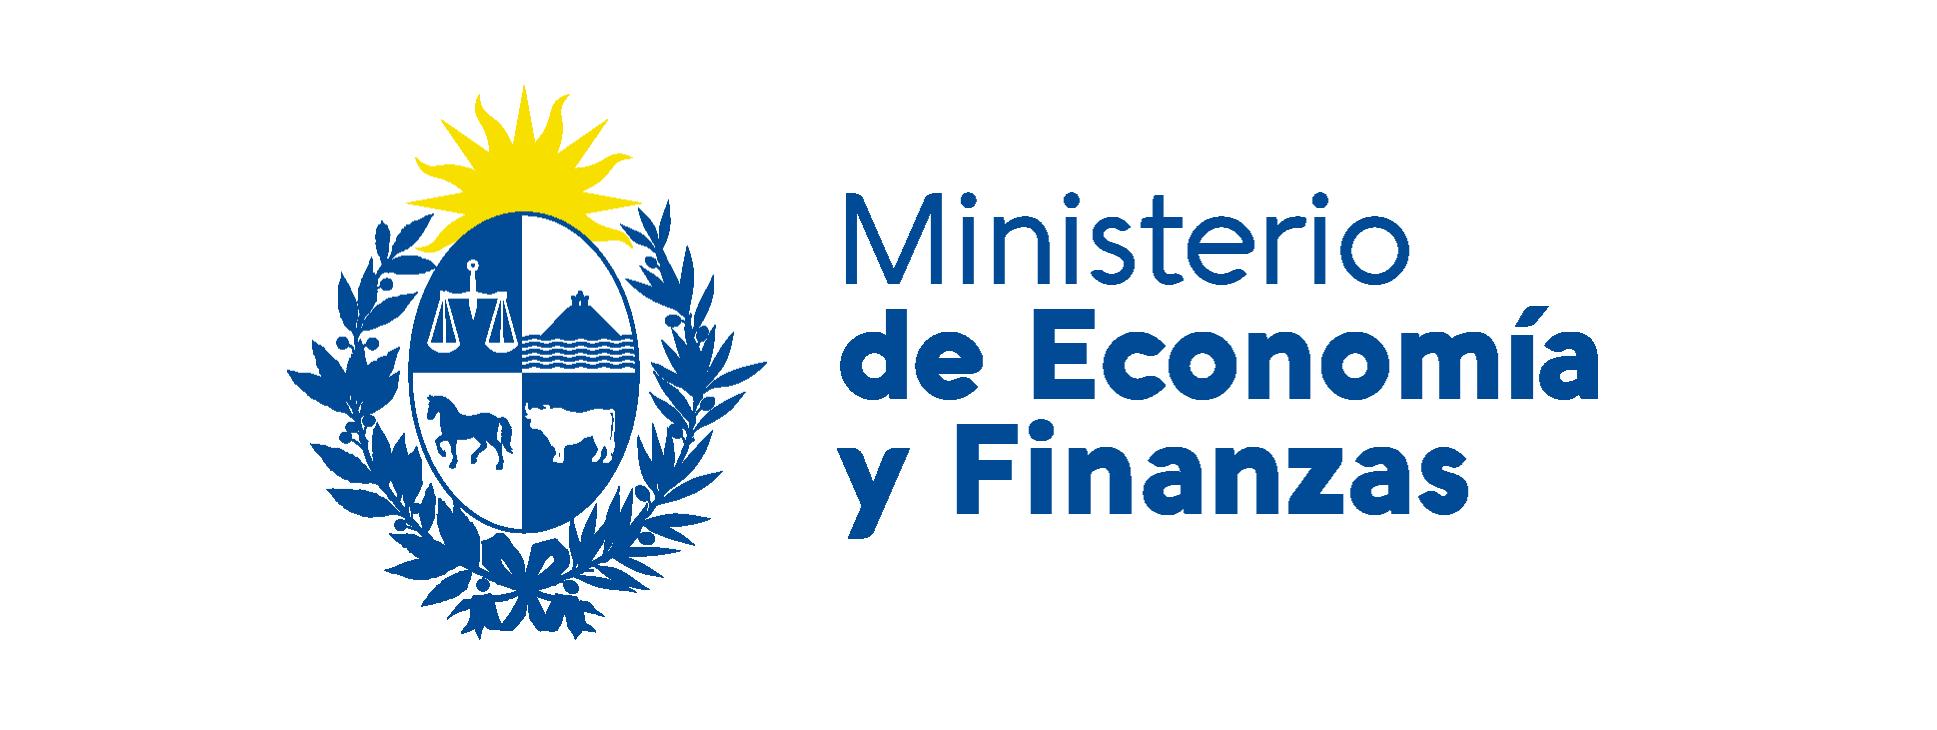 Banner con logo del Ministerio de Economía y Finanzas.